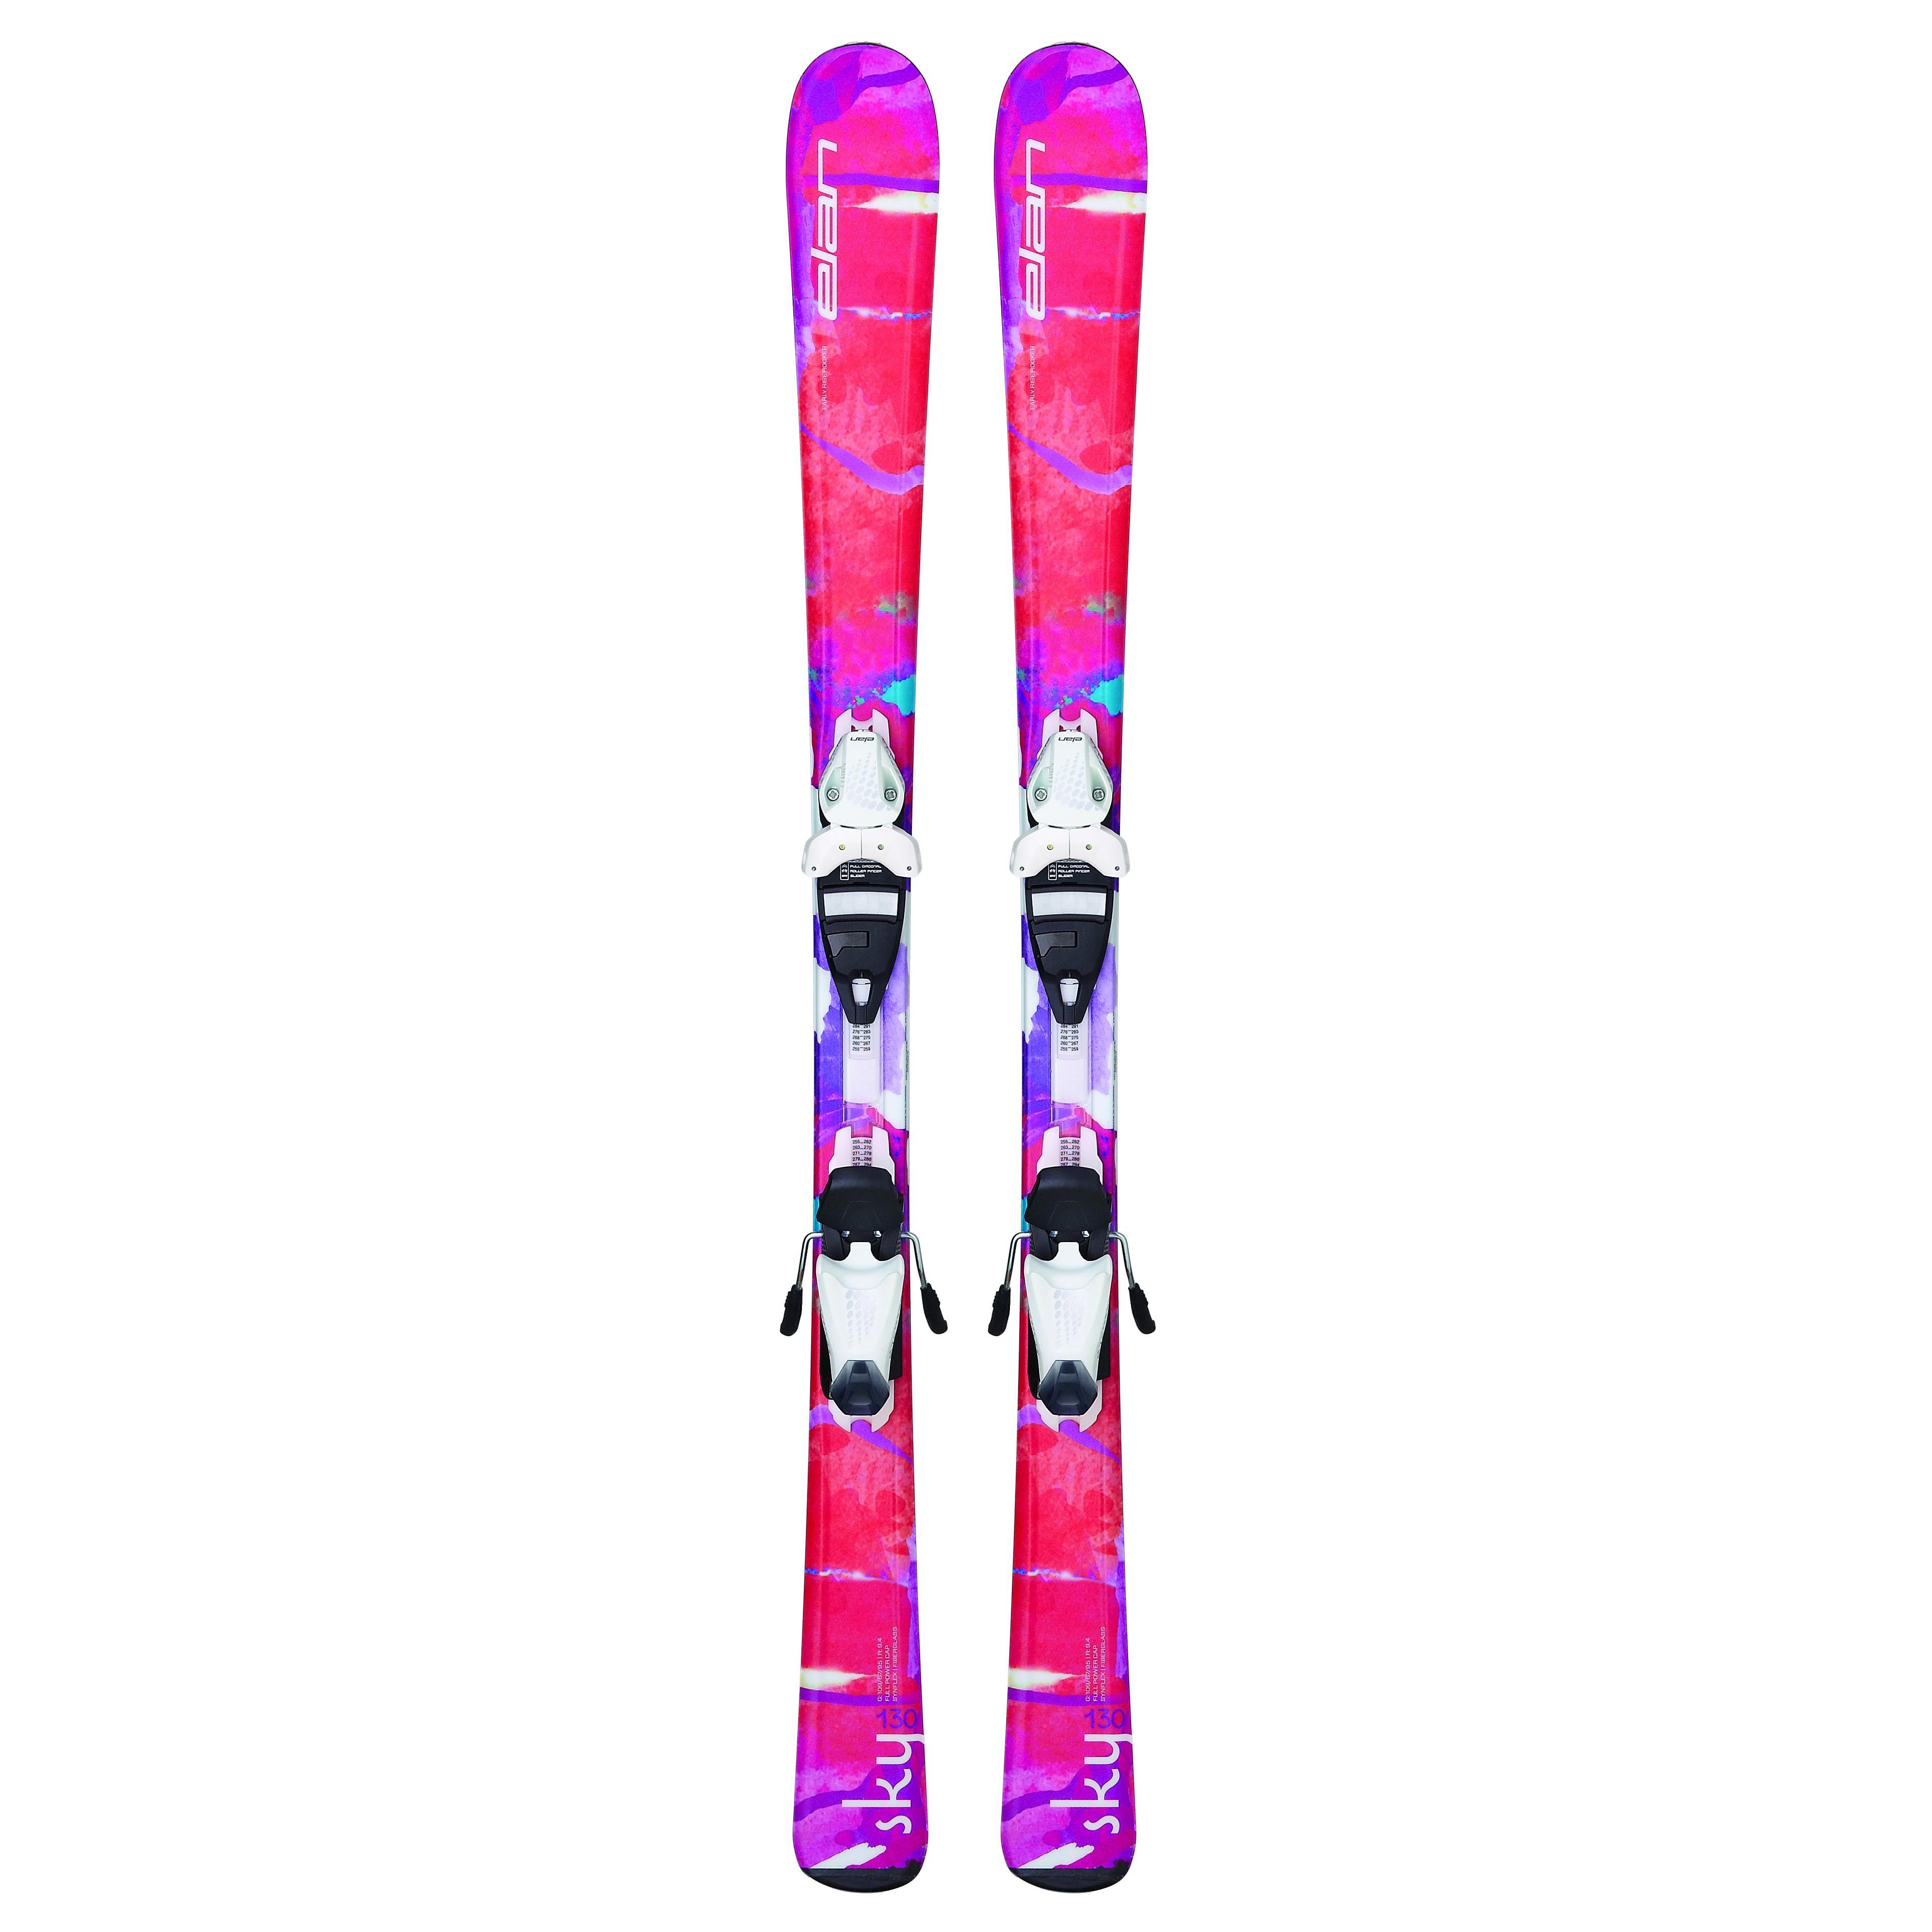 Купить Горные лыжи с креплениями Elan 2015-16 SKY QT EL 4.5 (70-100), лыжи, 1157040